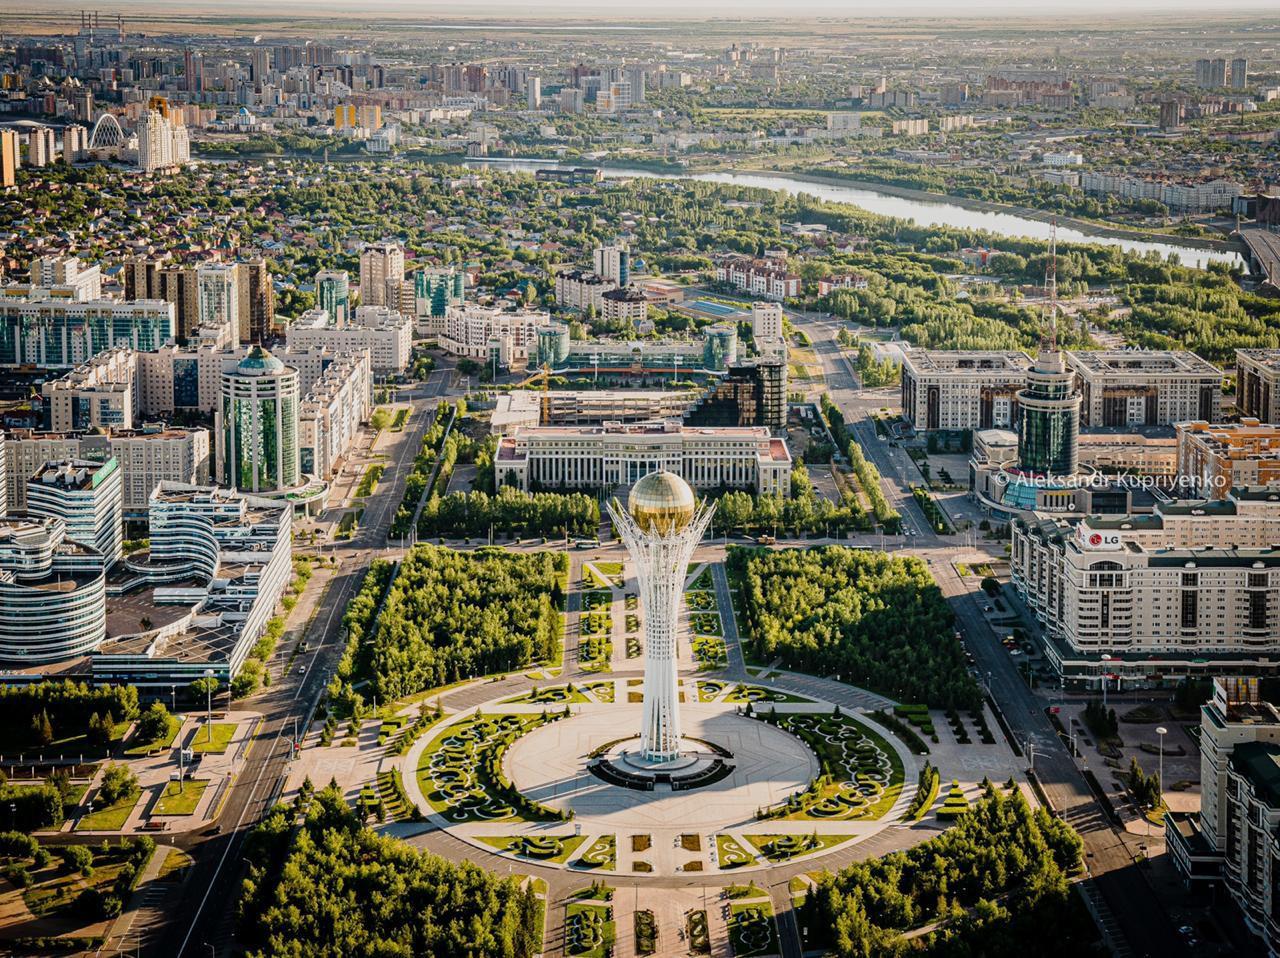 Мероприятия ко Дню столицы пройдут только в режиме онлайн